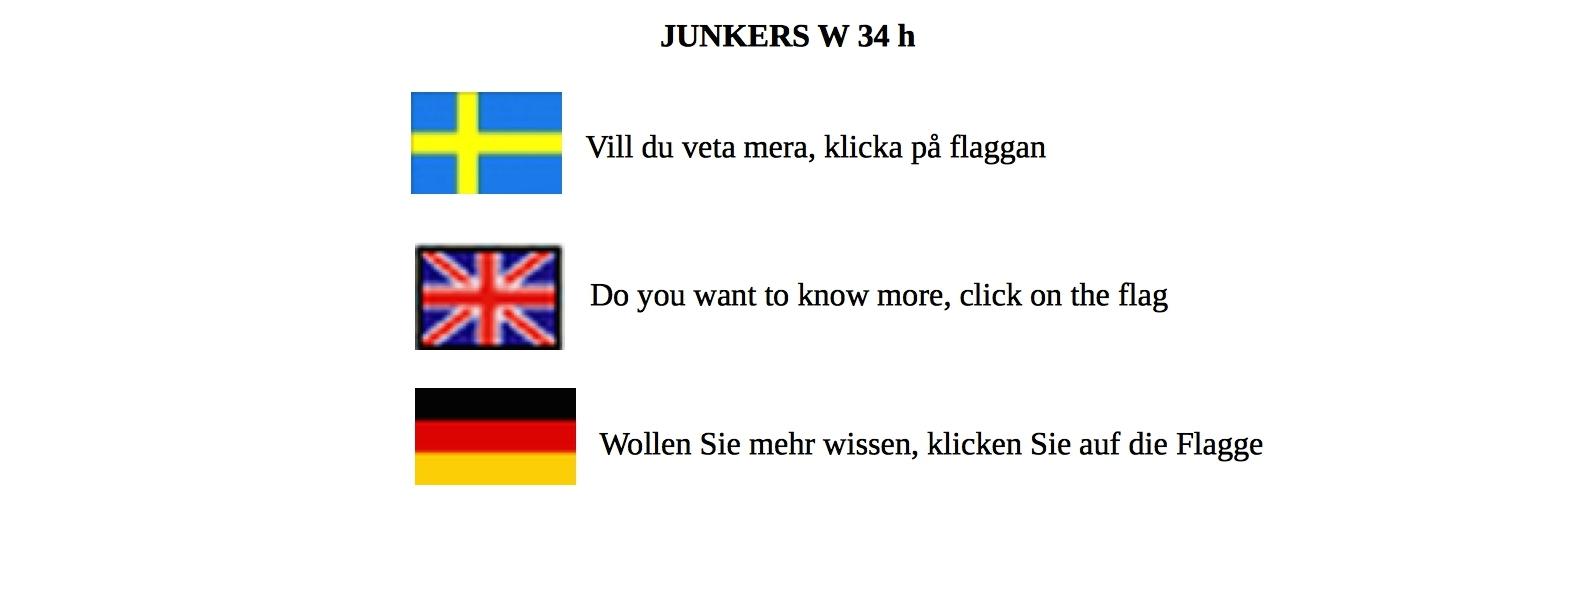 qr-kod-junkers-w-34